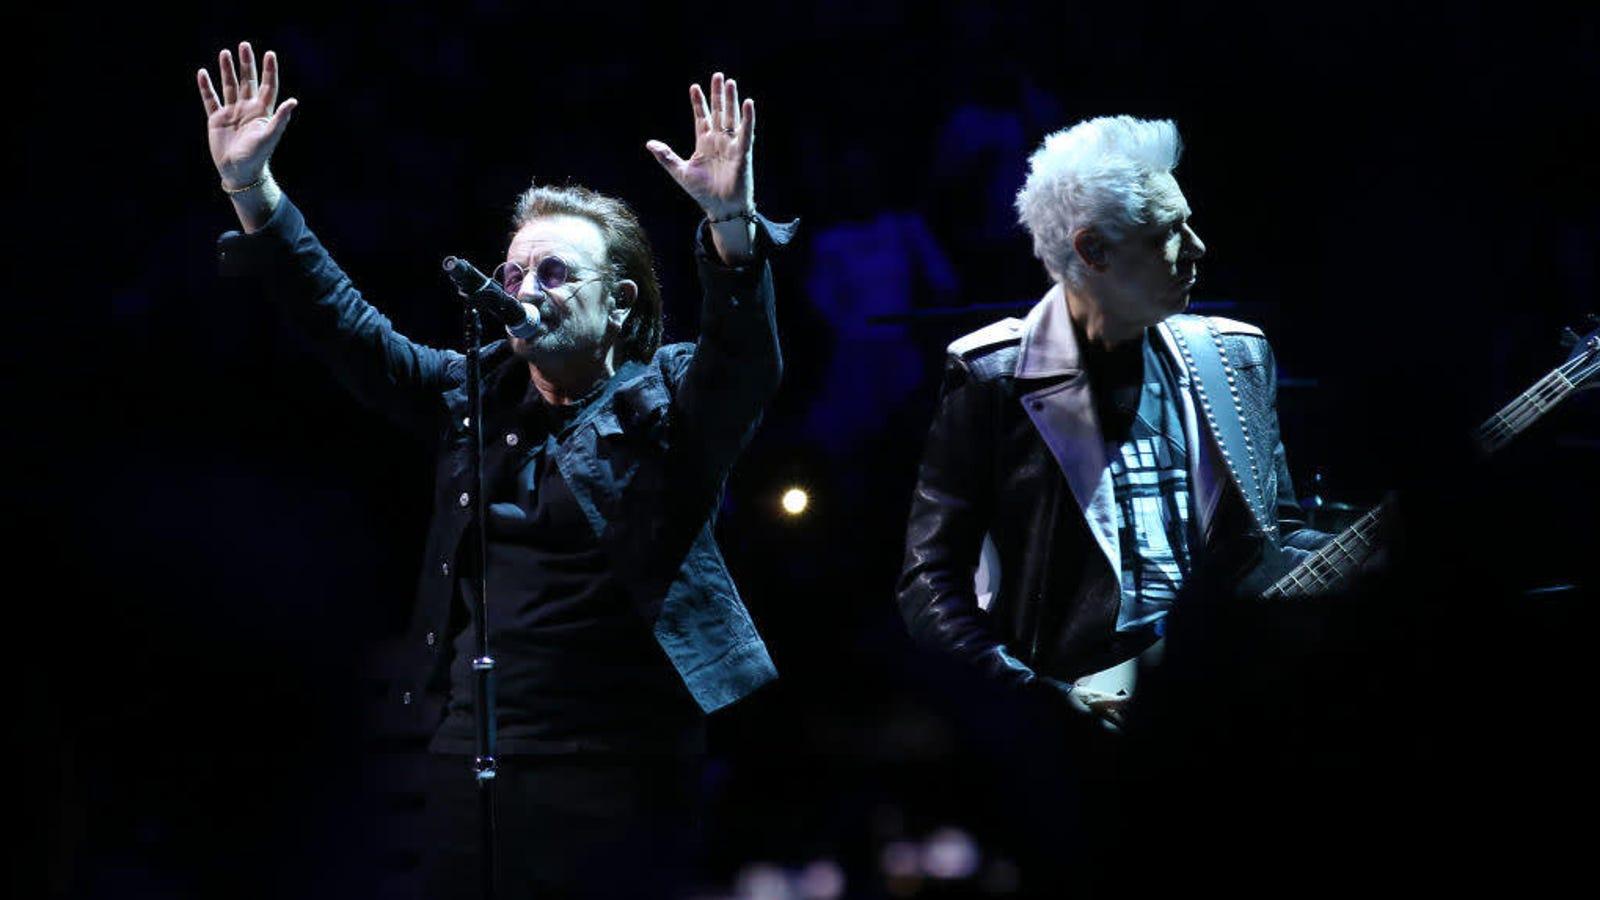 Last Call: My favorite U2 track in years